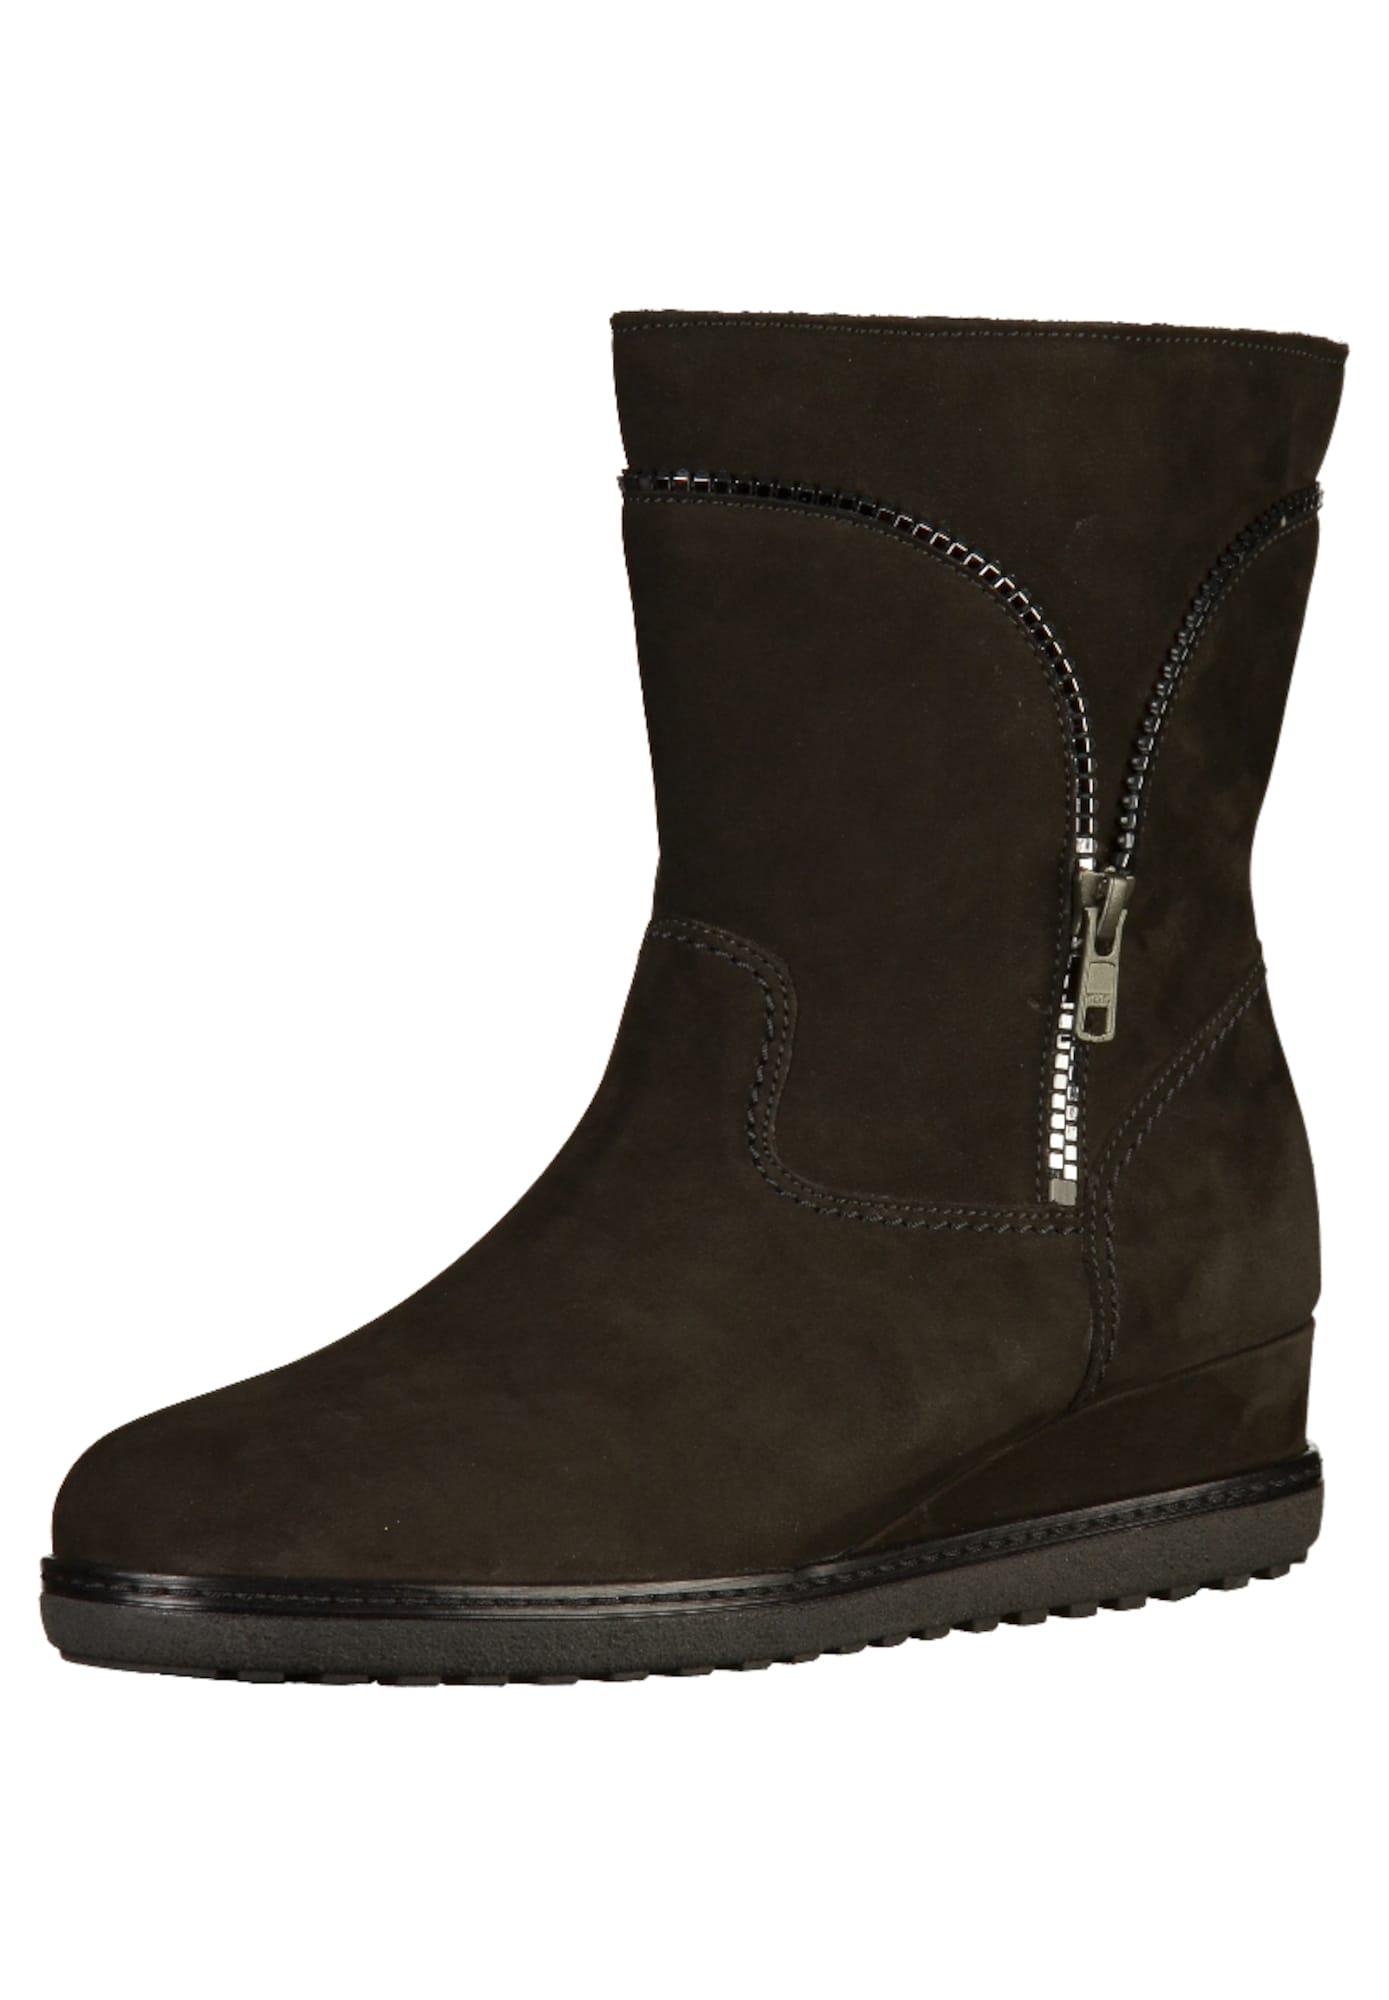 Stiefelette | Schuhe > Stiefeletten | Schwarz - Silber | Gabor